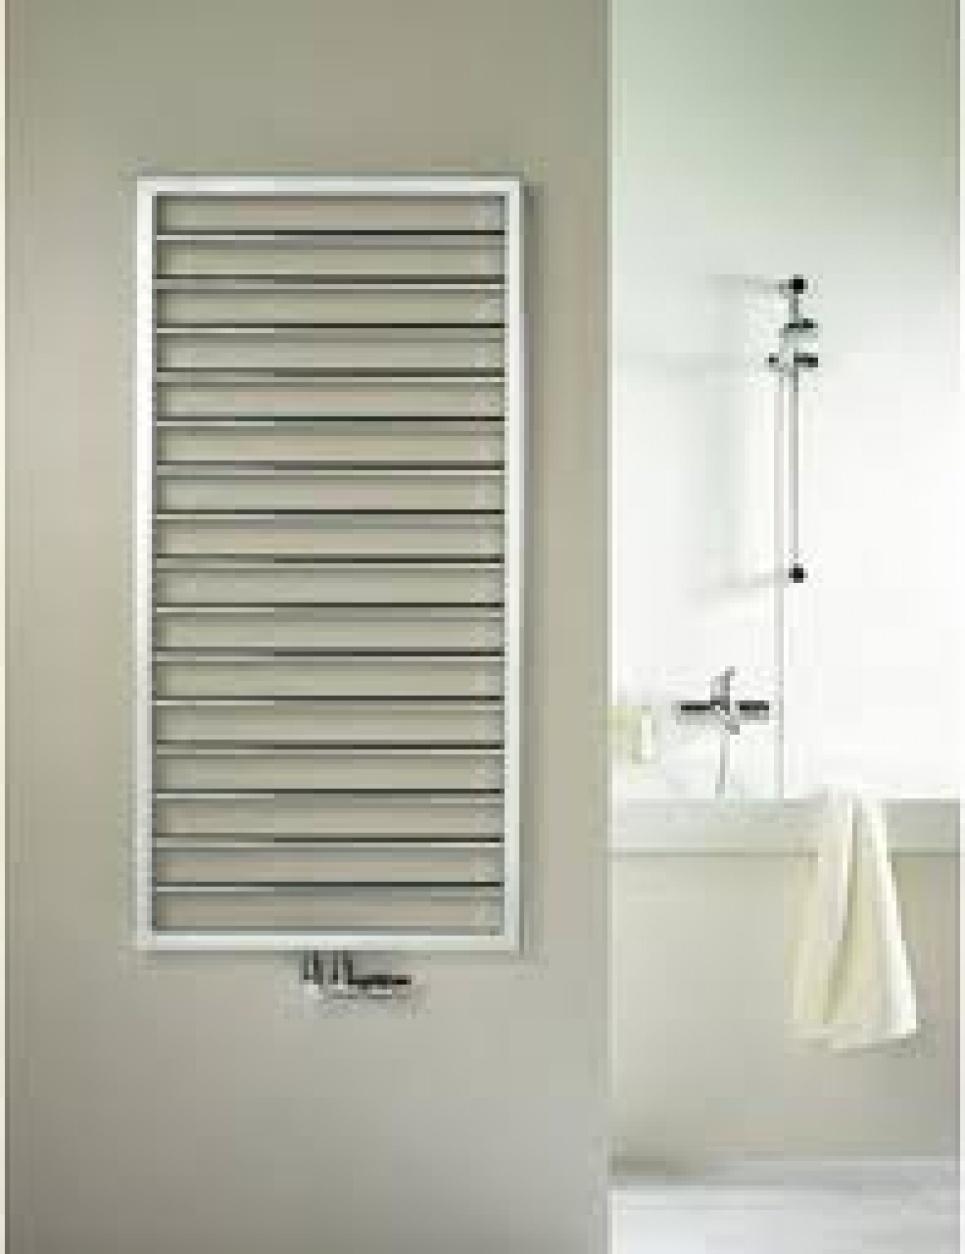 Badkamerverwarming Design Radiatoren Vloerverwarming